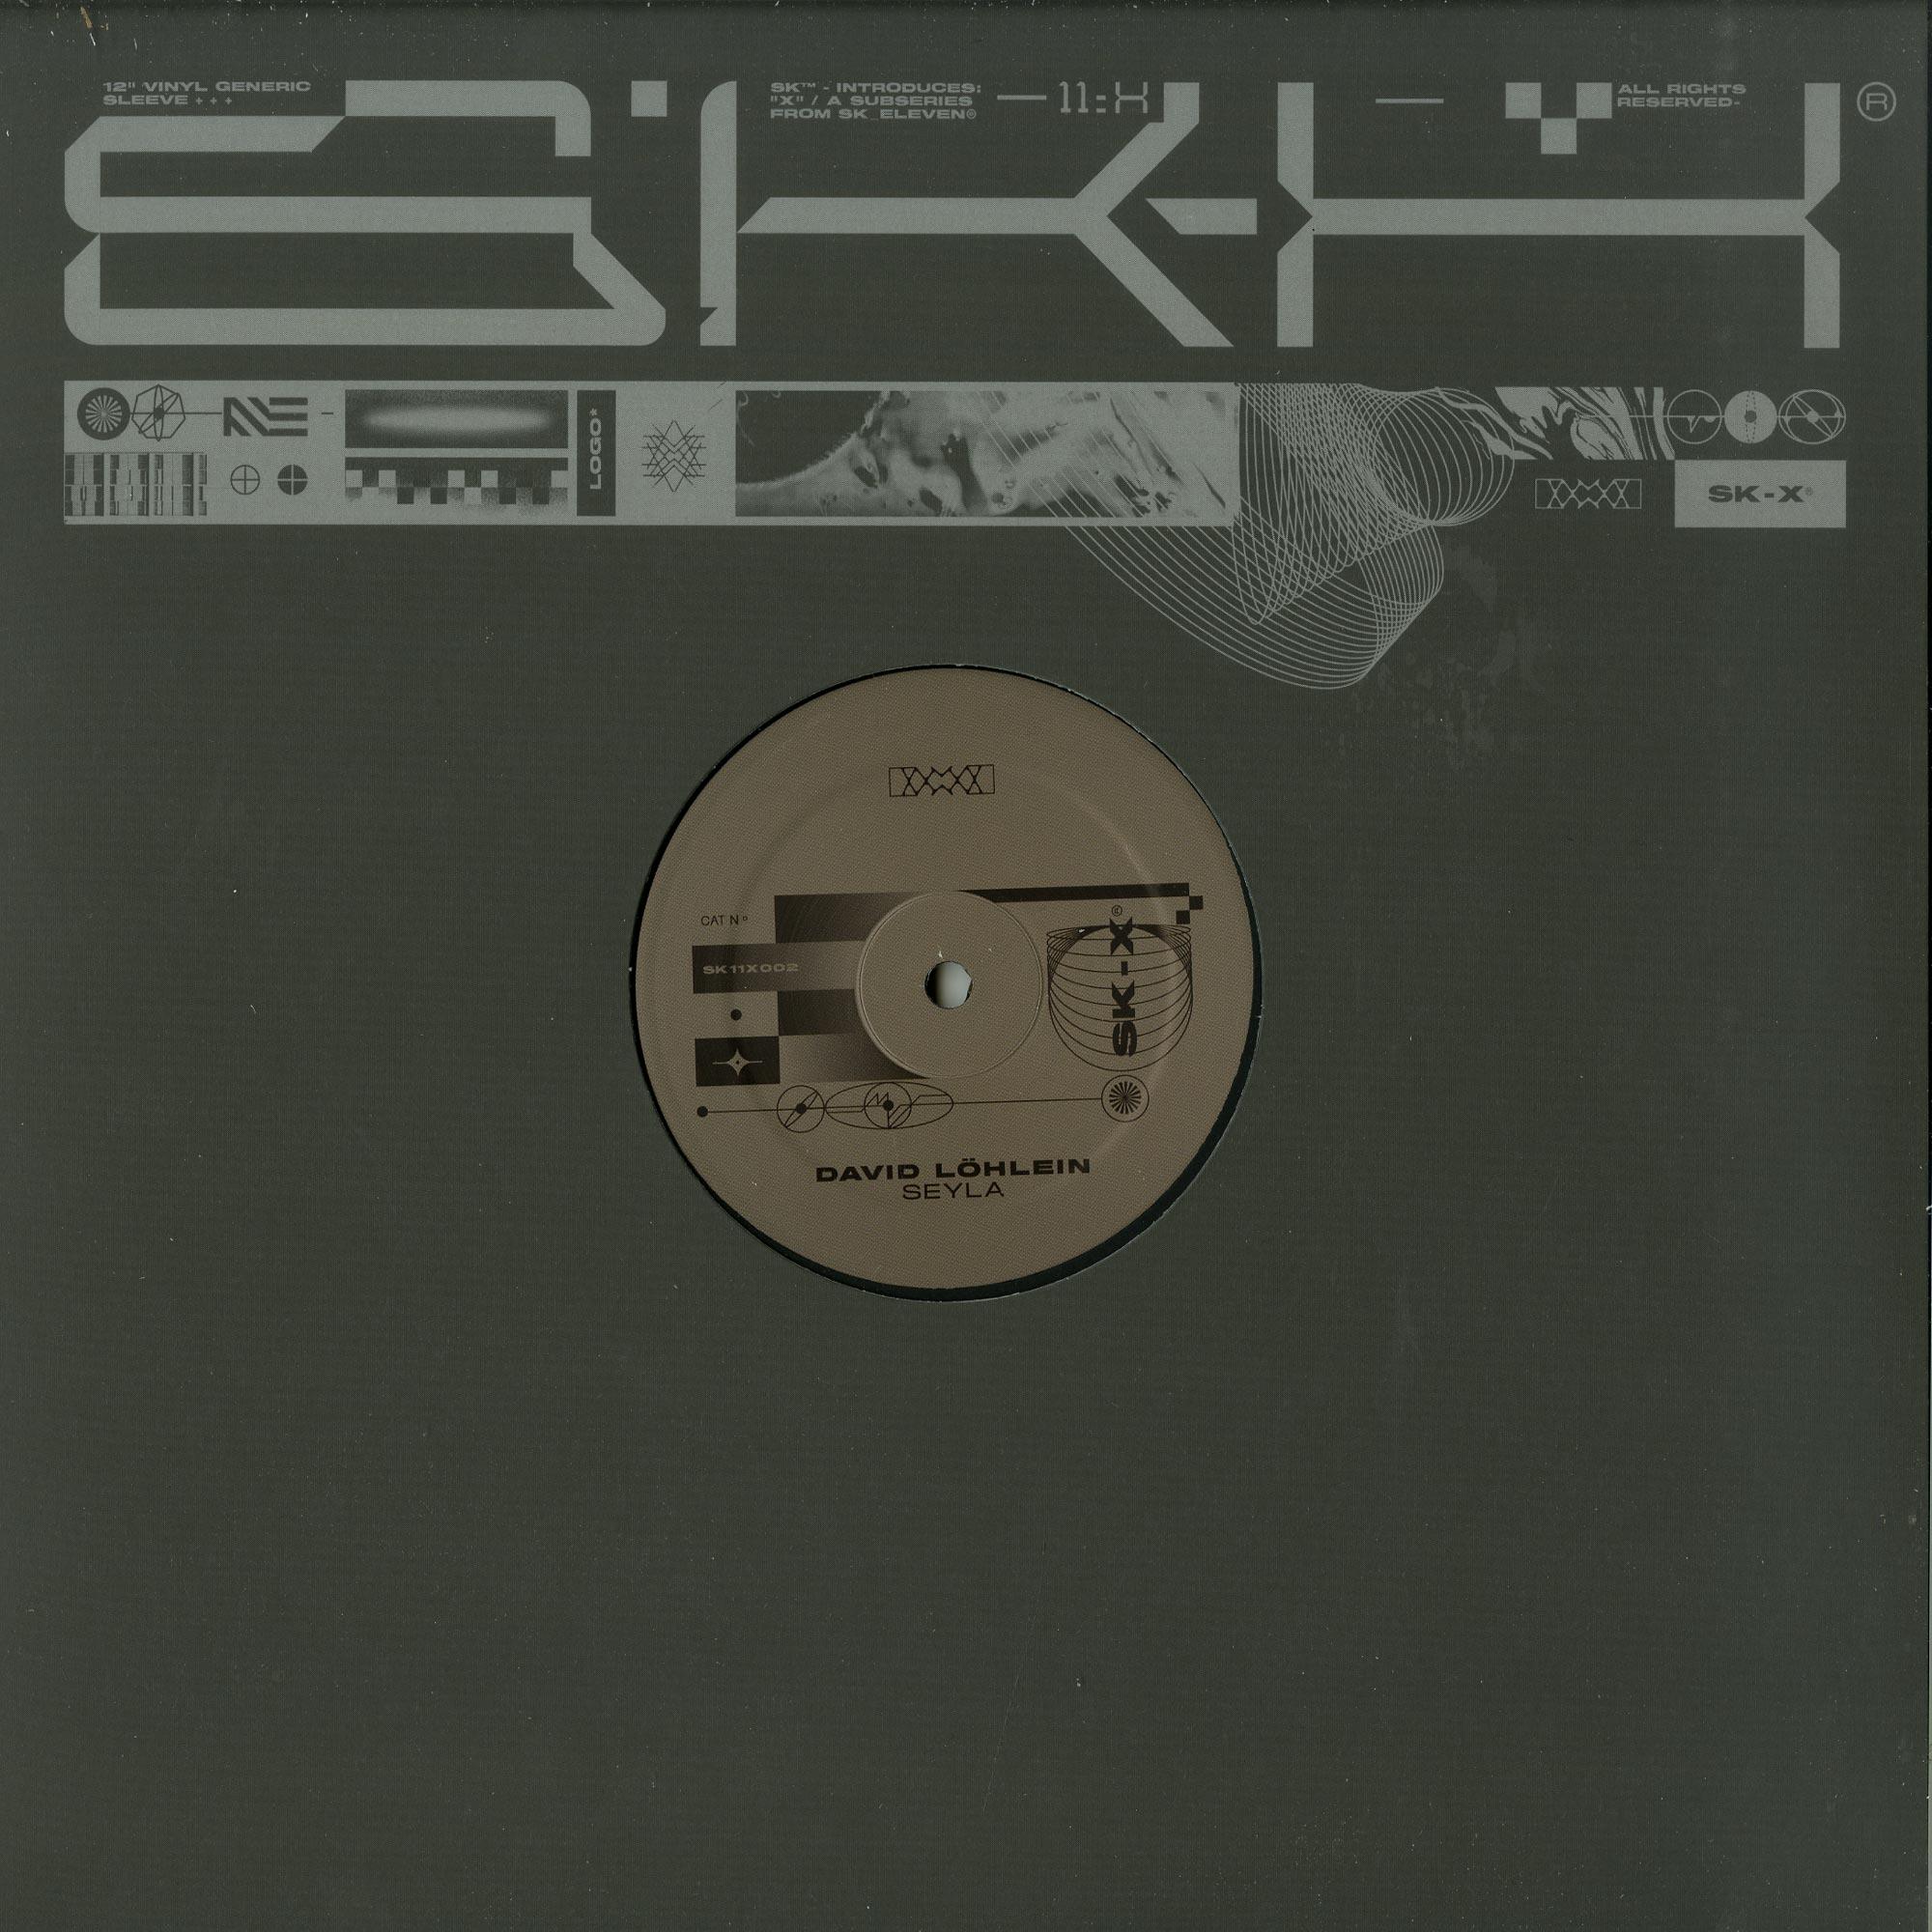 David Loehlein - SEYLA EP